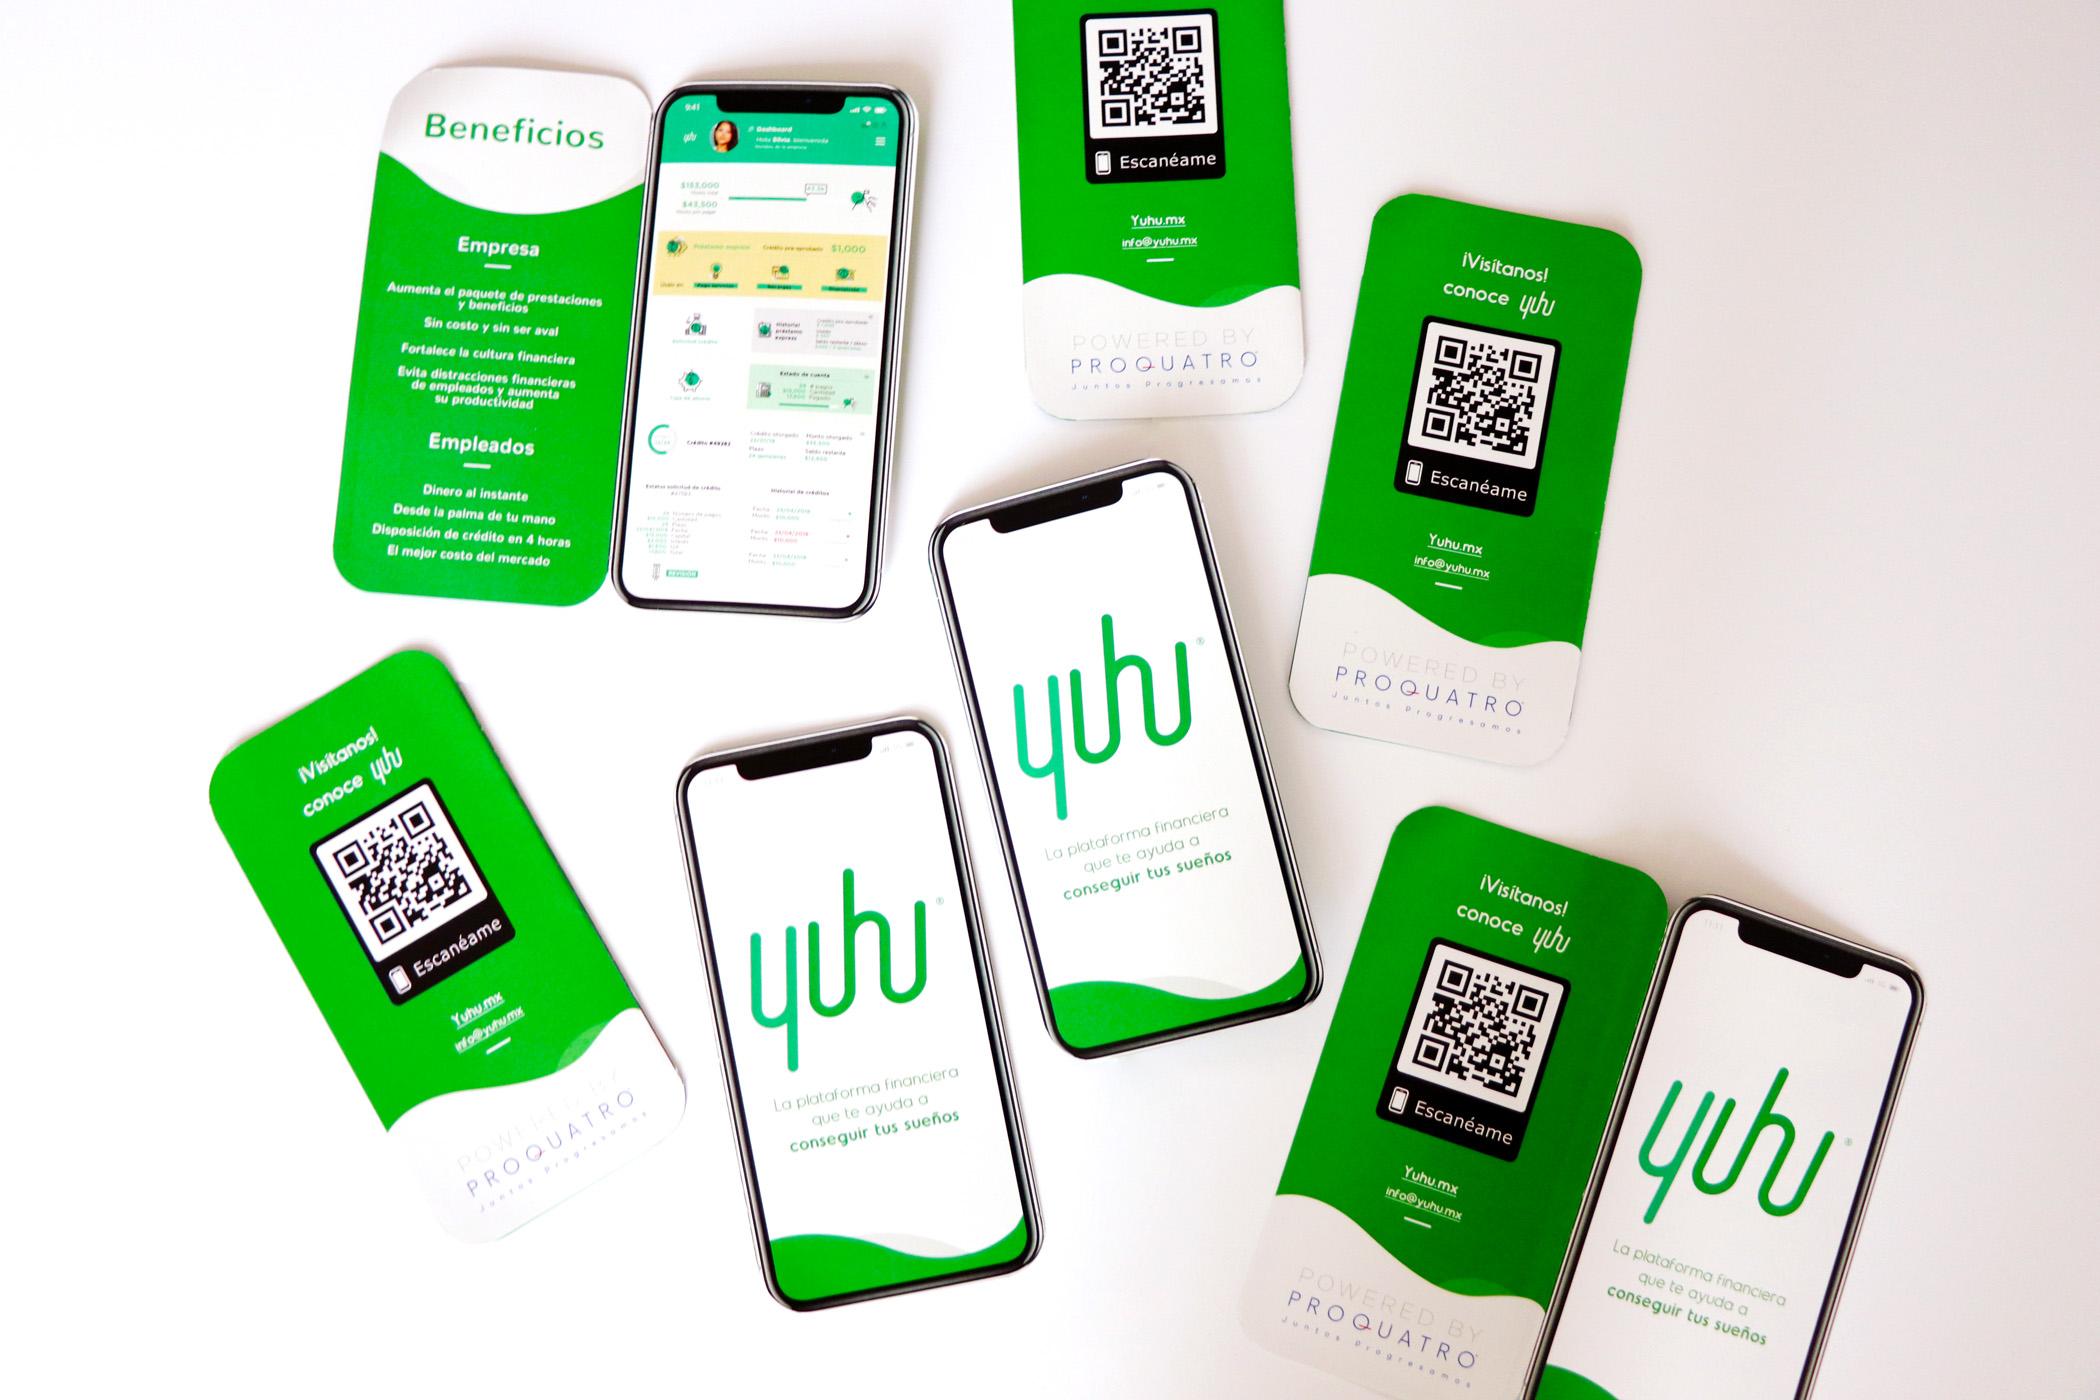 Tarjeta de Producto para presentar un app